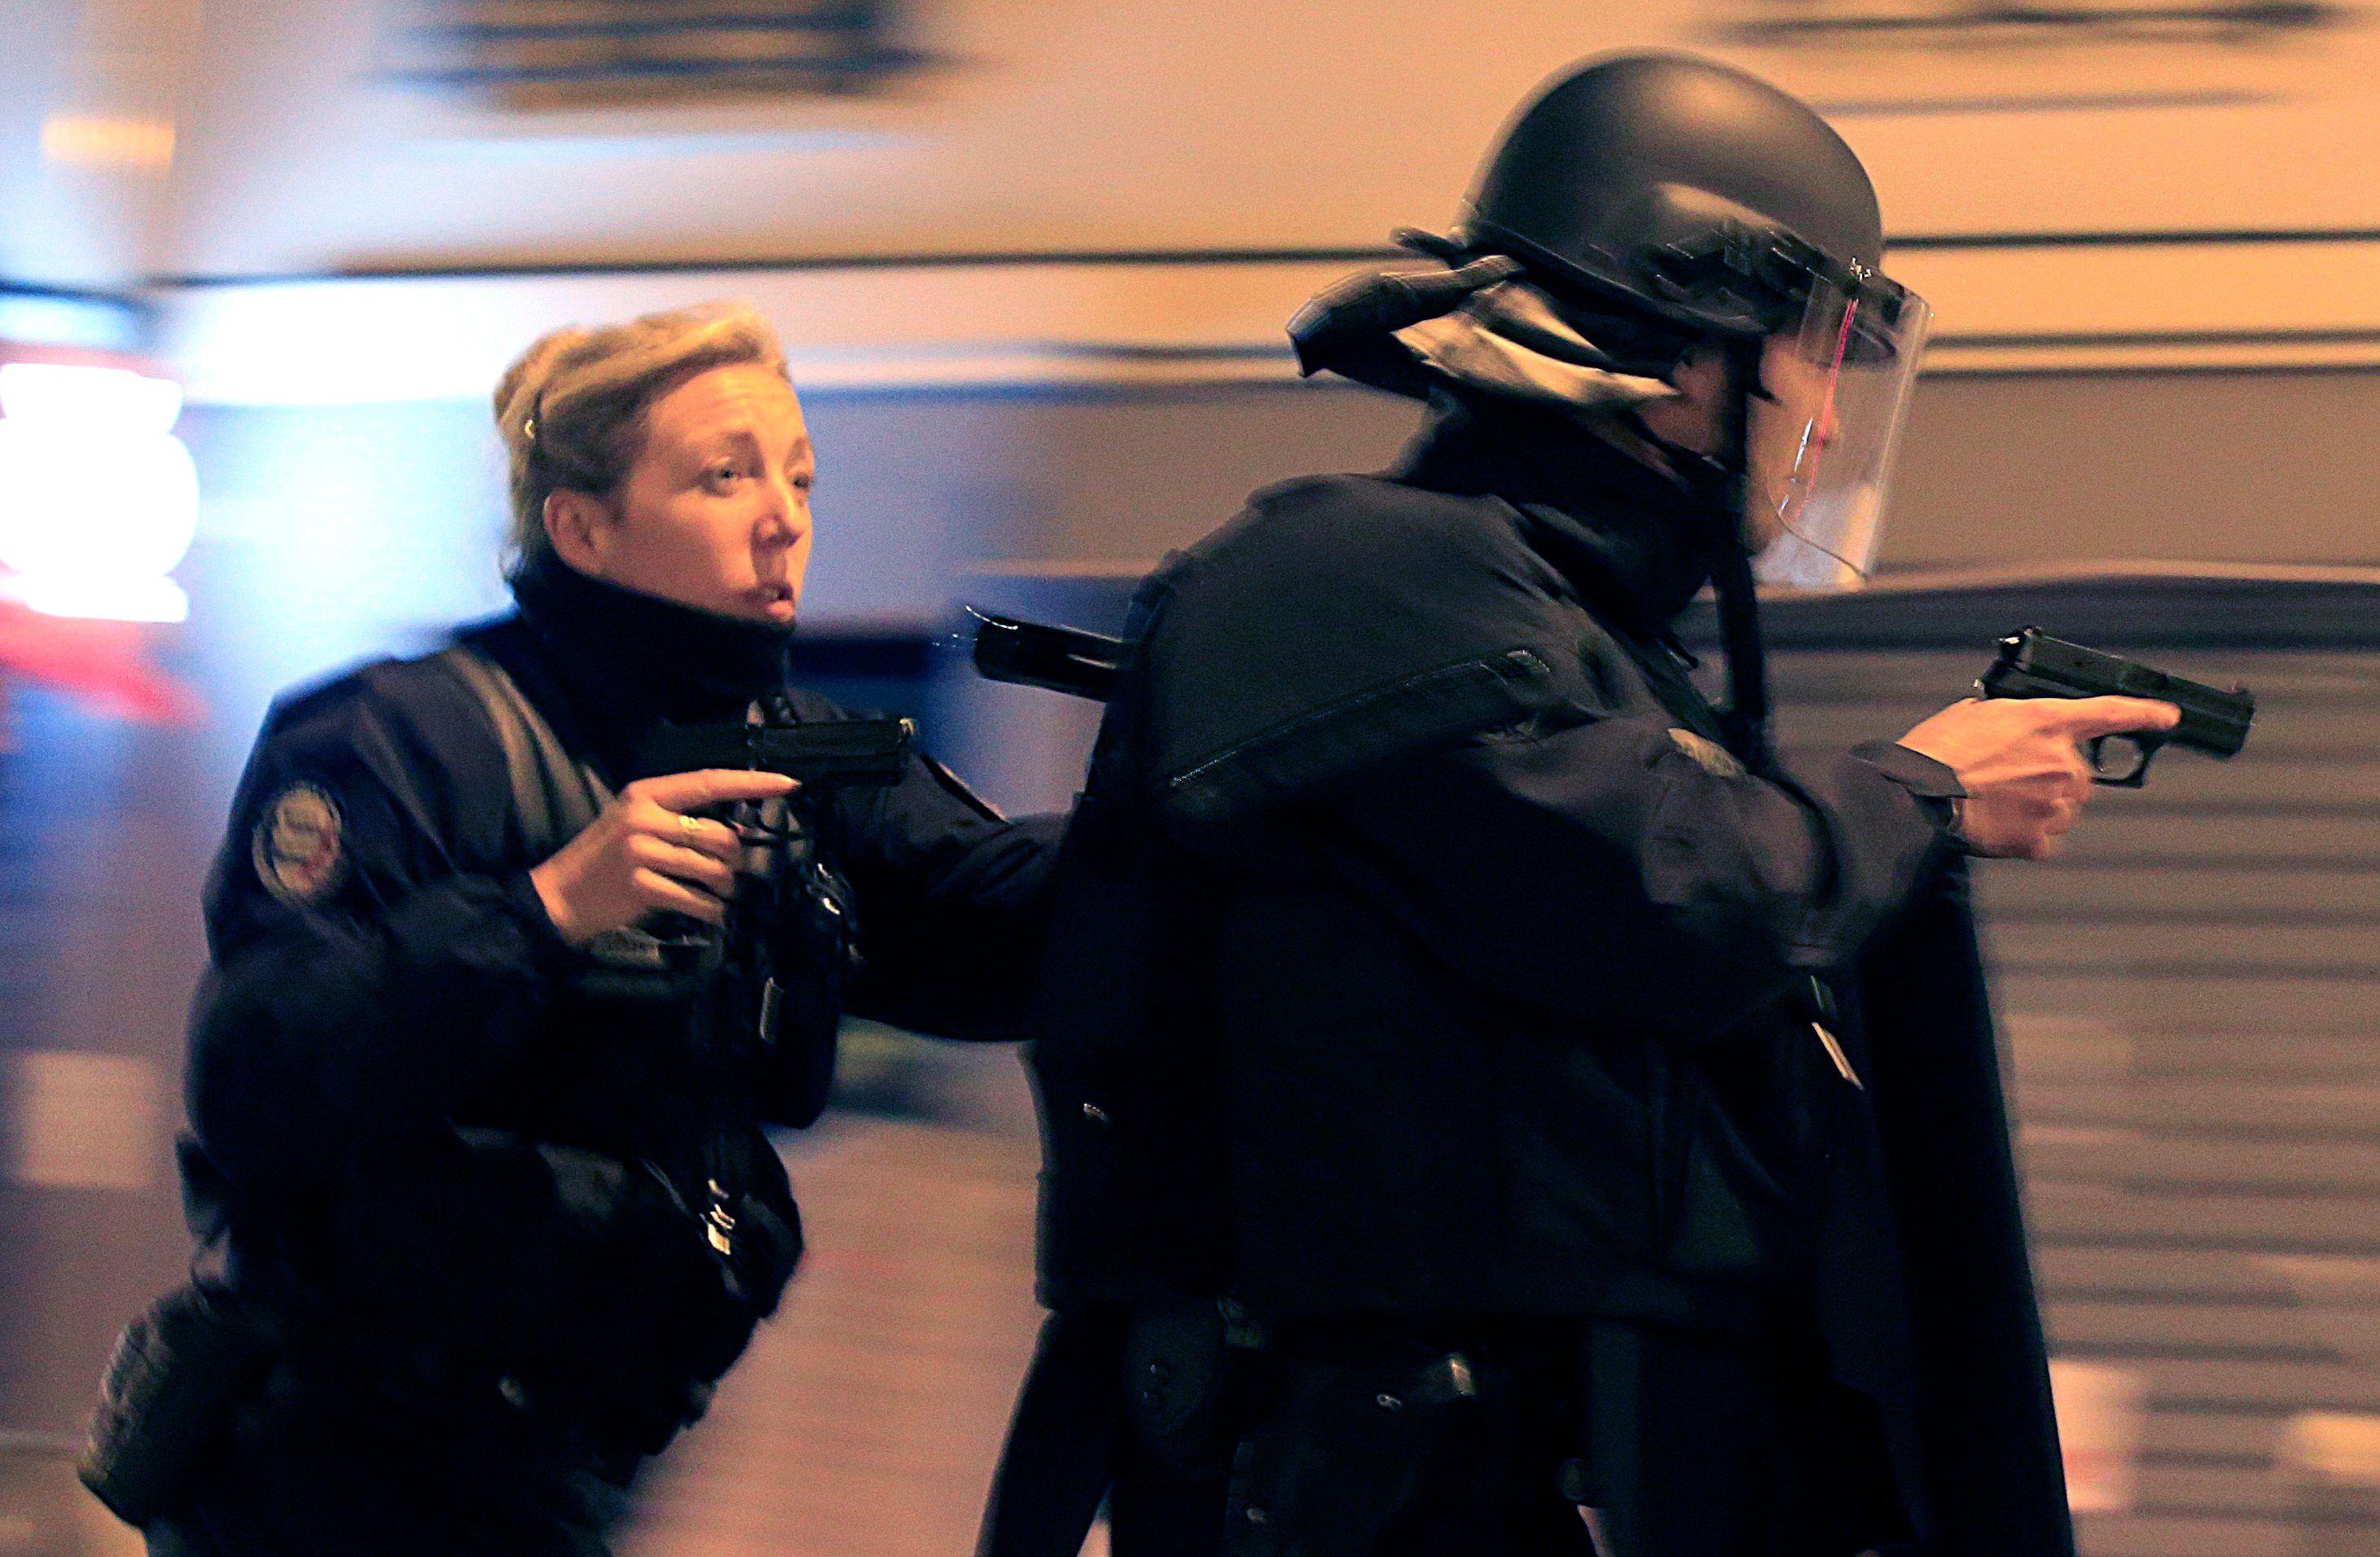 Attentats de Paris : la cousine de Fabien Clain stupéfaite de l'avoir entendu revendiquer les attaques du 13 novembre